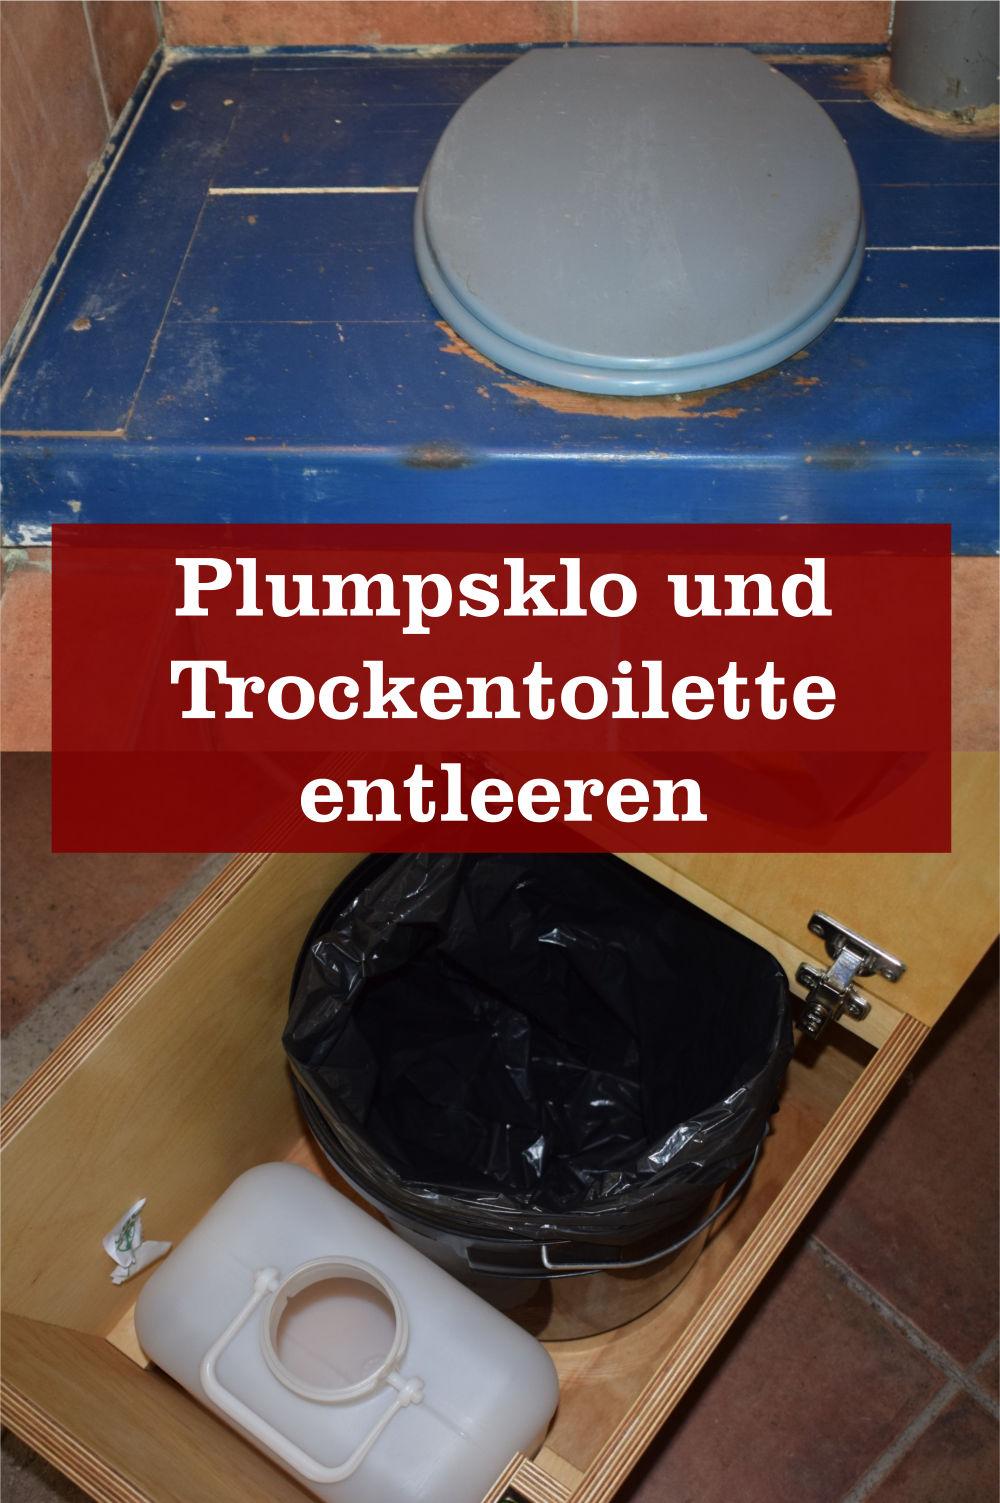 Plumpsklo und Trockentoilette